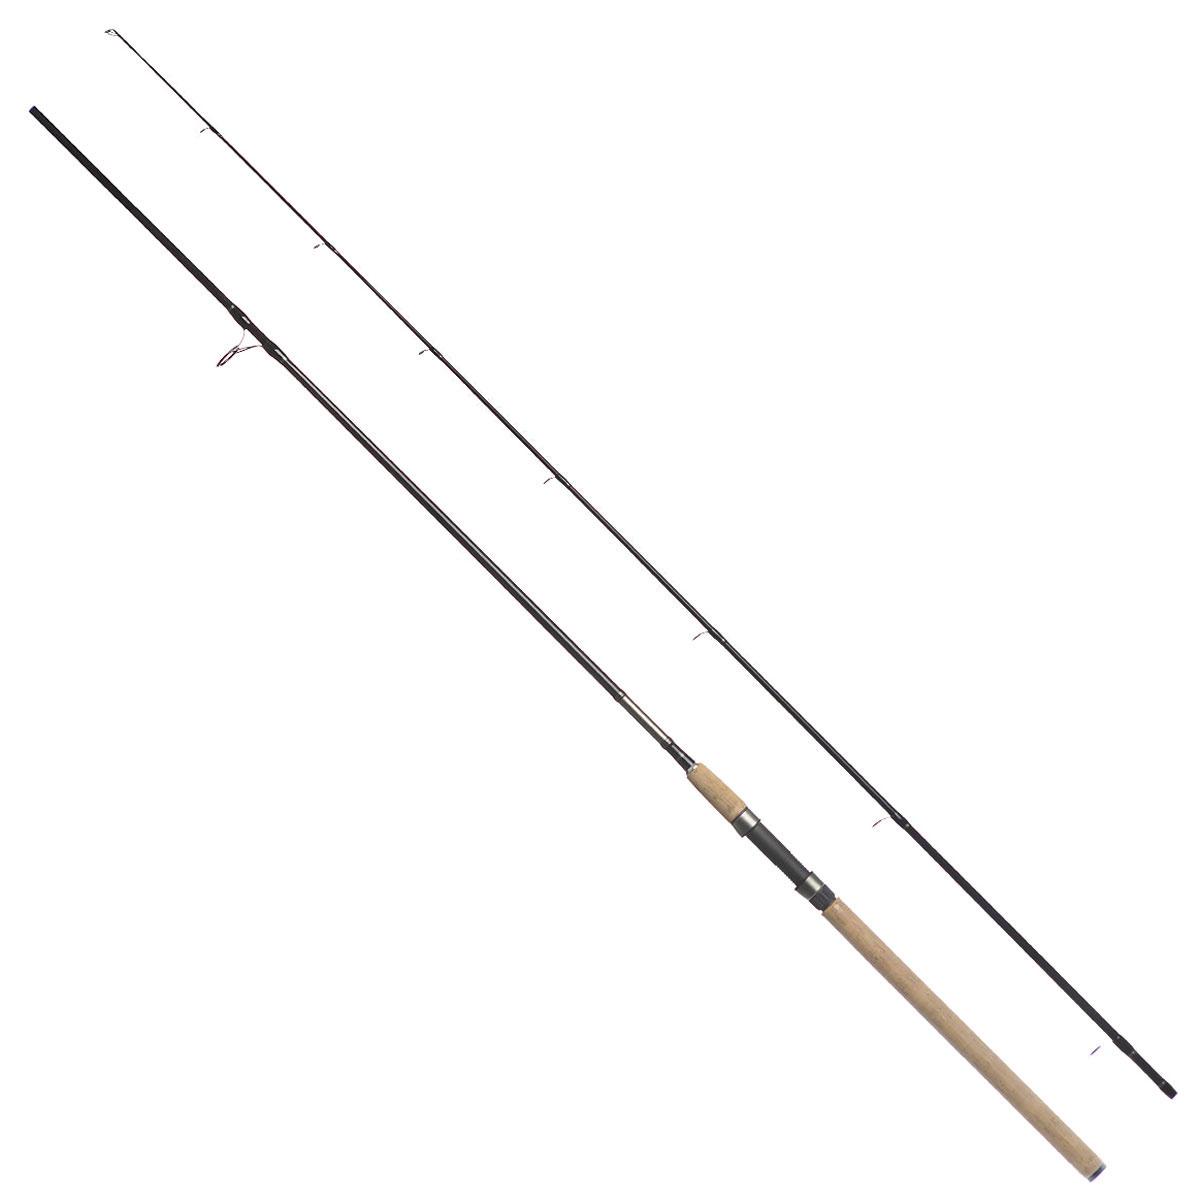 Спиннинг штекерный Daiwa Exceler-AR New, 2,59 м, 10-40 г